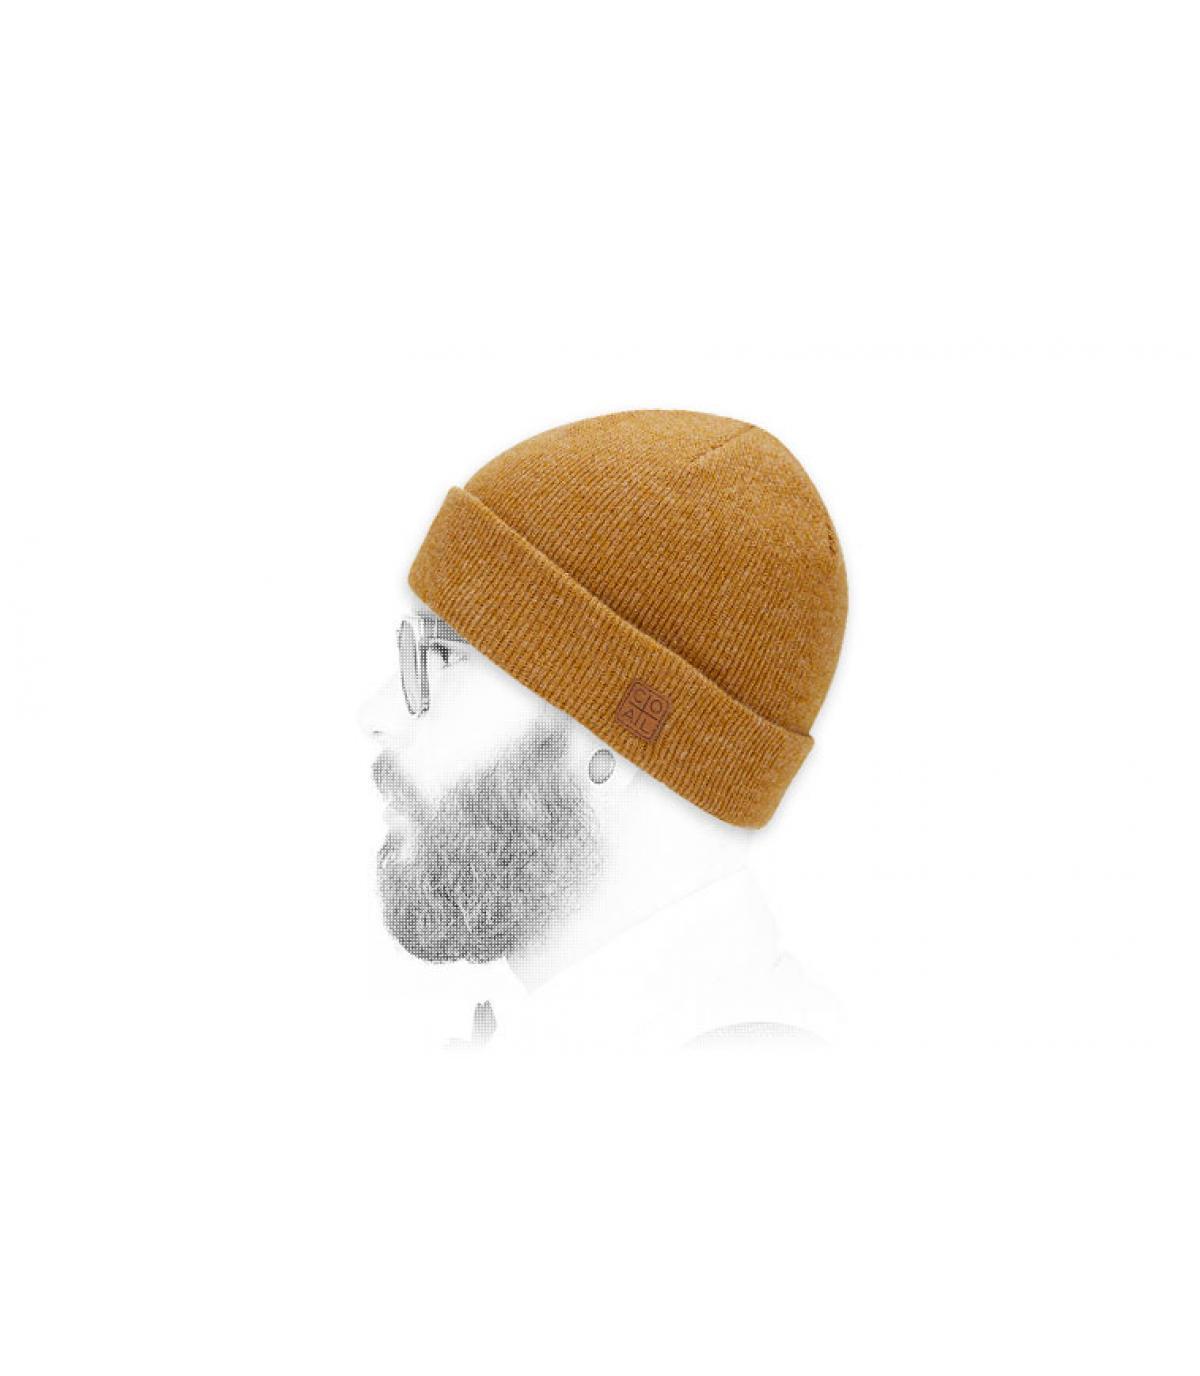 Solapa amarilla del sombrero de carbón